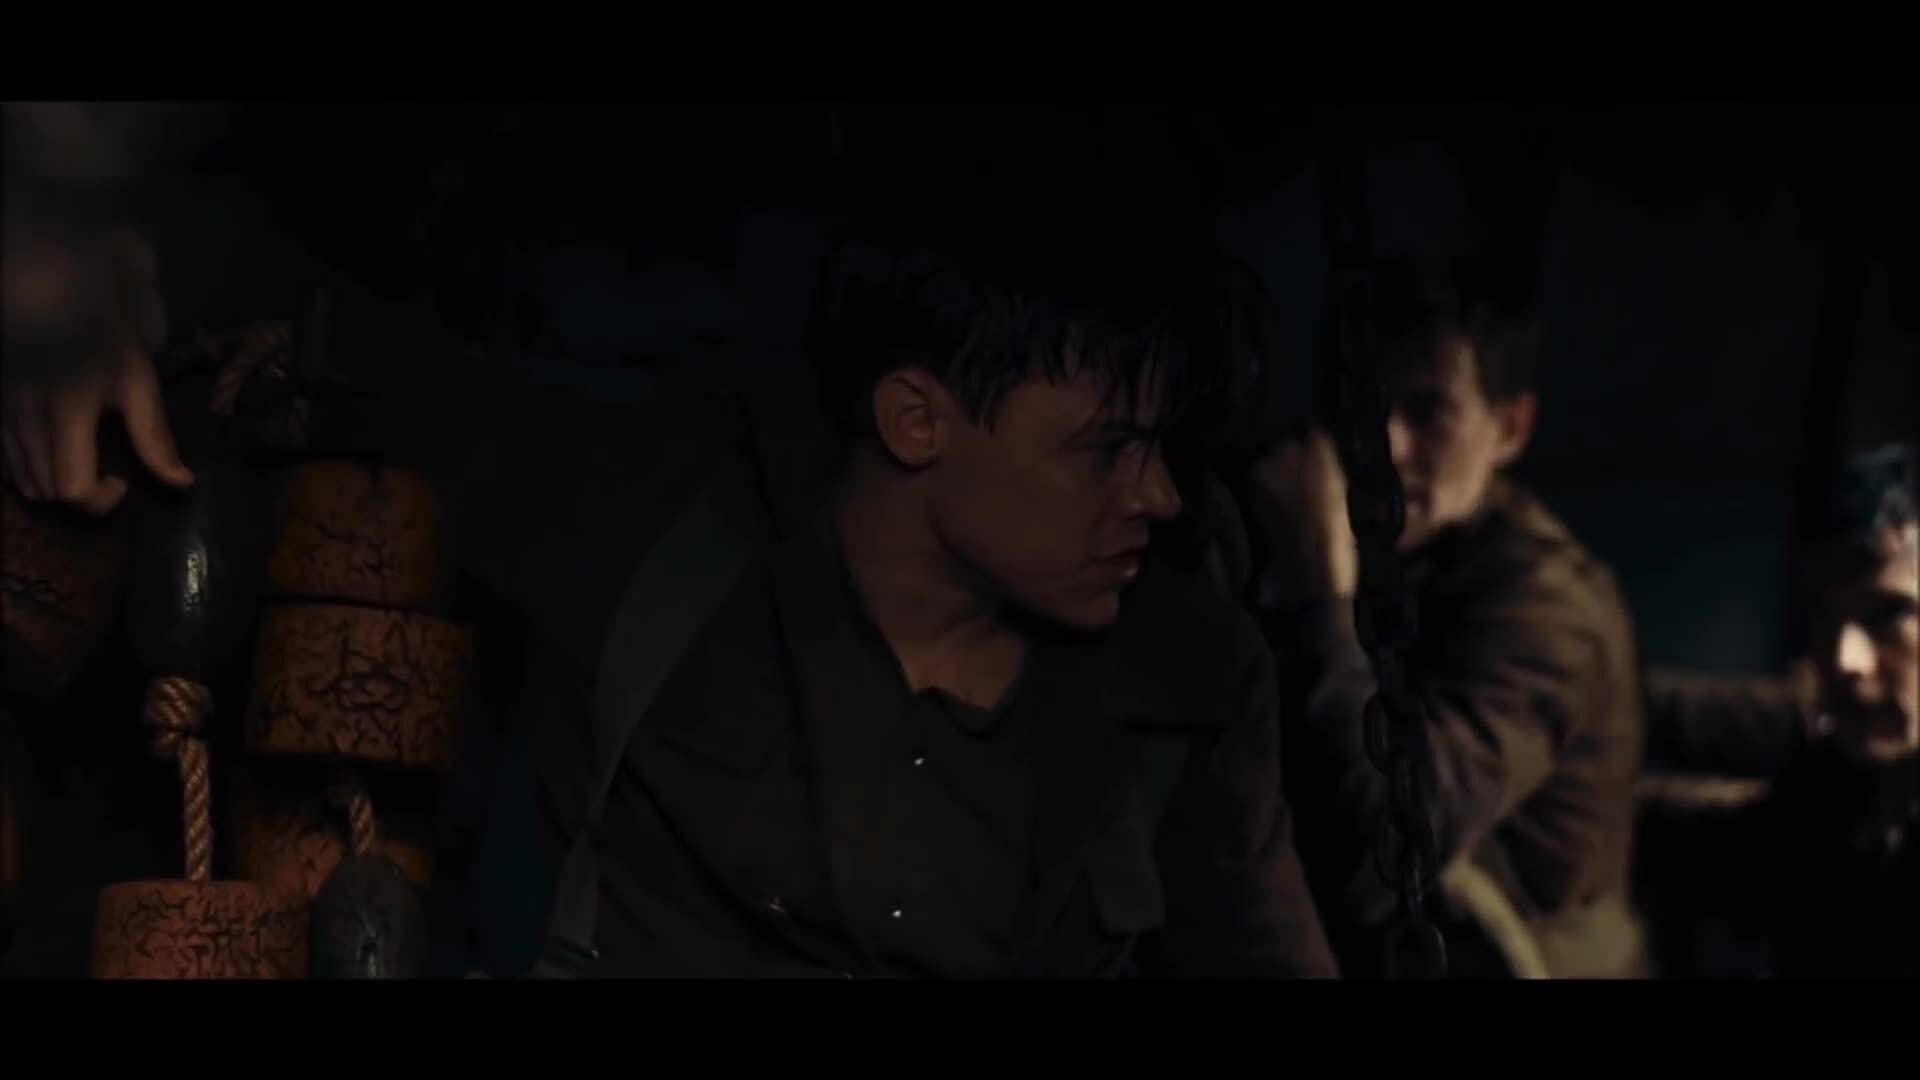 Ca sỹ Harry Styles đóng phim đề tài đồng tính